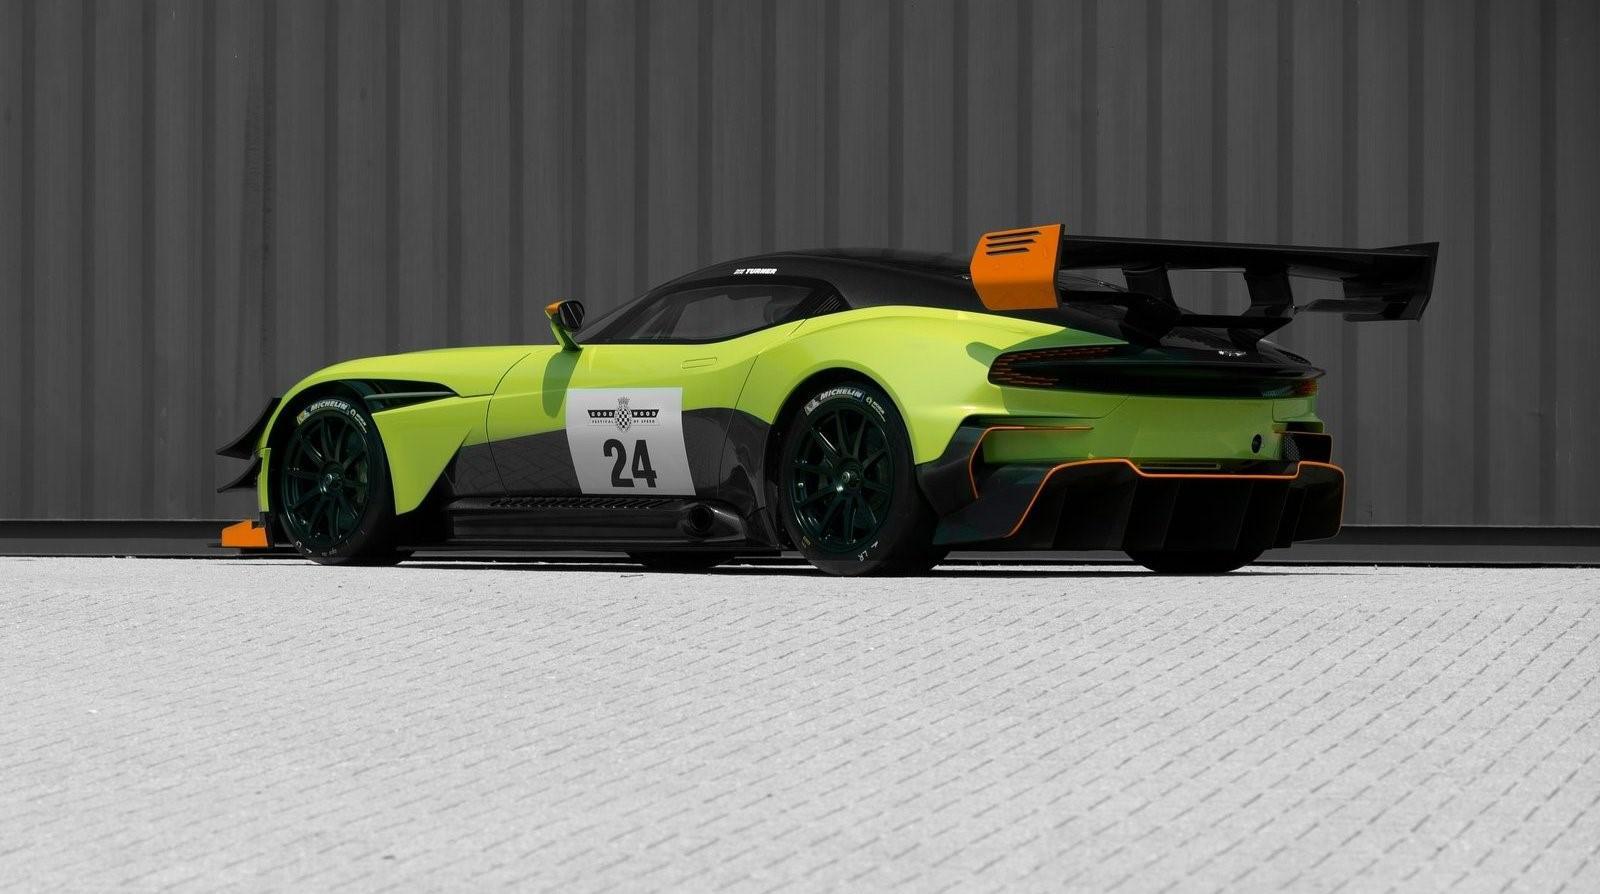 la-voiture-de-piste-la-plus-extreme-au-monde-aston-martin-vulcan-amr-pro-1308-5.jpg